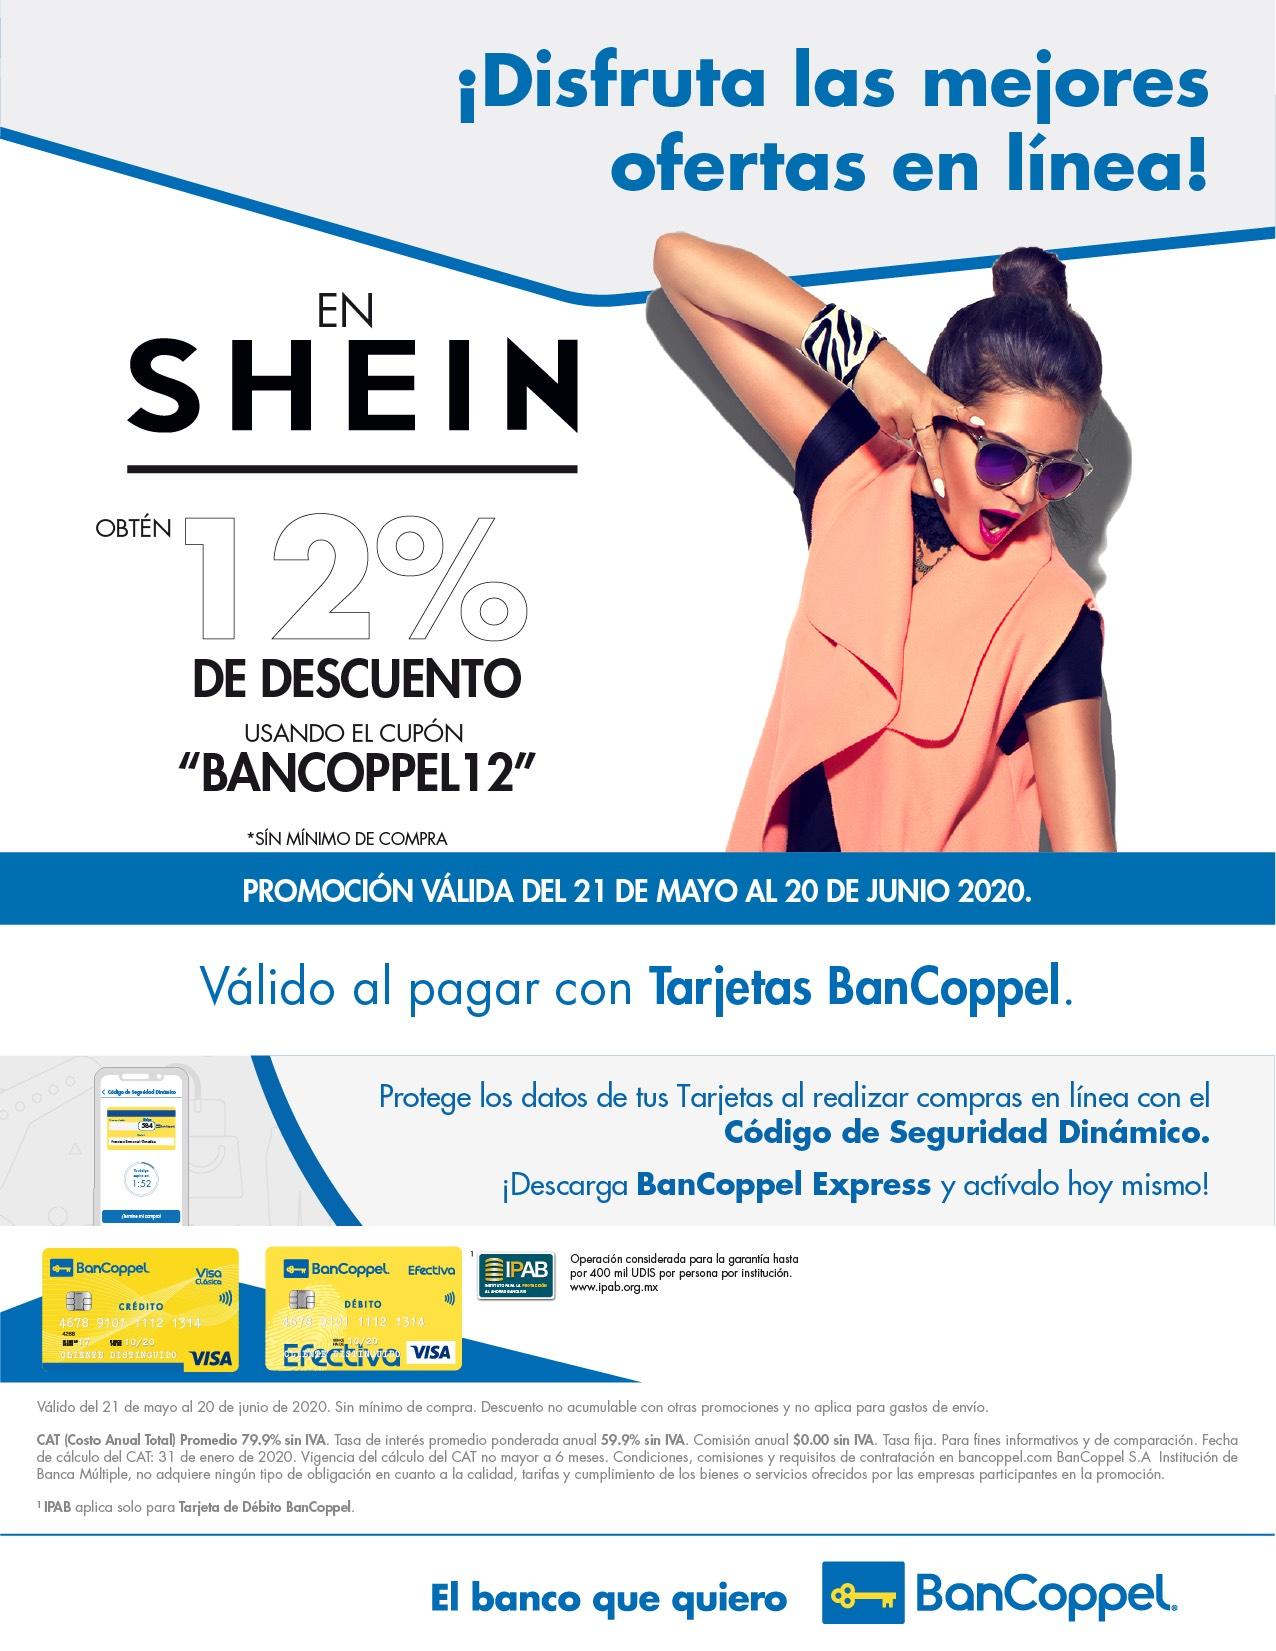 12% DE DESCUENTO EN SHEIN CON BANCOPPEL SIN MINIMO DE COMPRA.